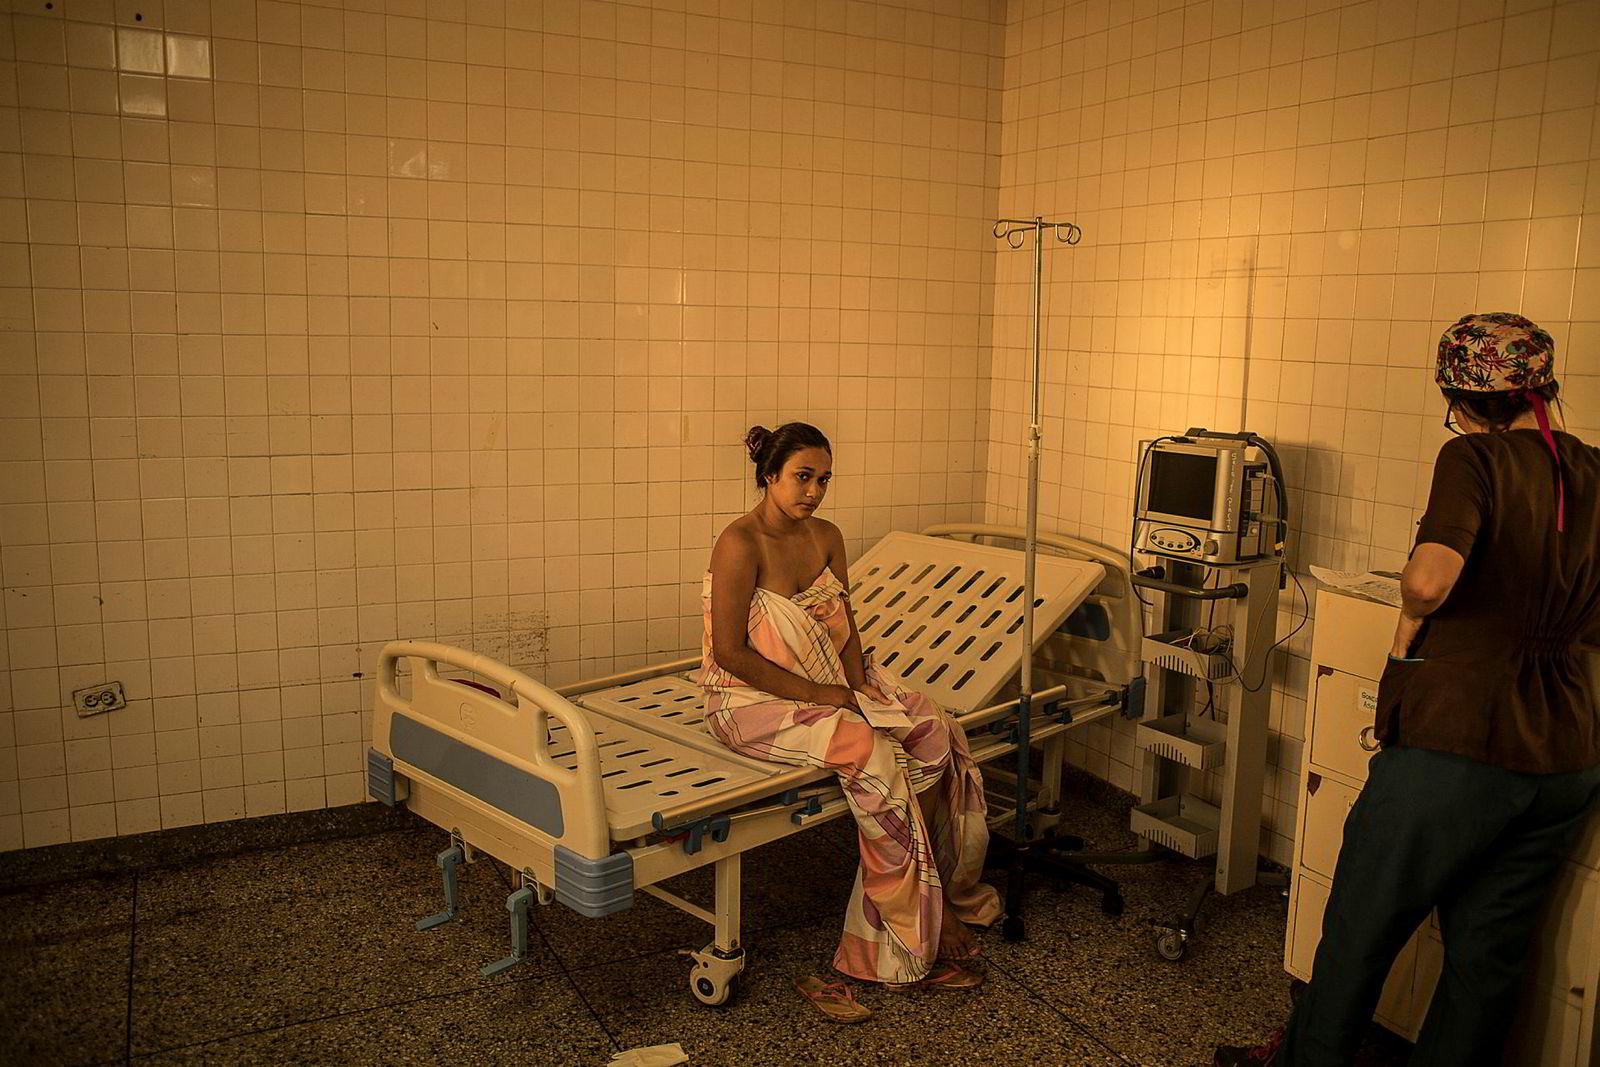 Fødeavdelingen på Ruiz y Paez sykehuset mangler vann, elektrisitet, medisiner og kirurgiske instrumenter. Antallet kvinner som dør i barsel er mangedoblet de siste årene.